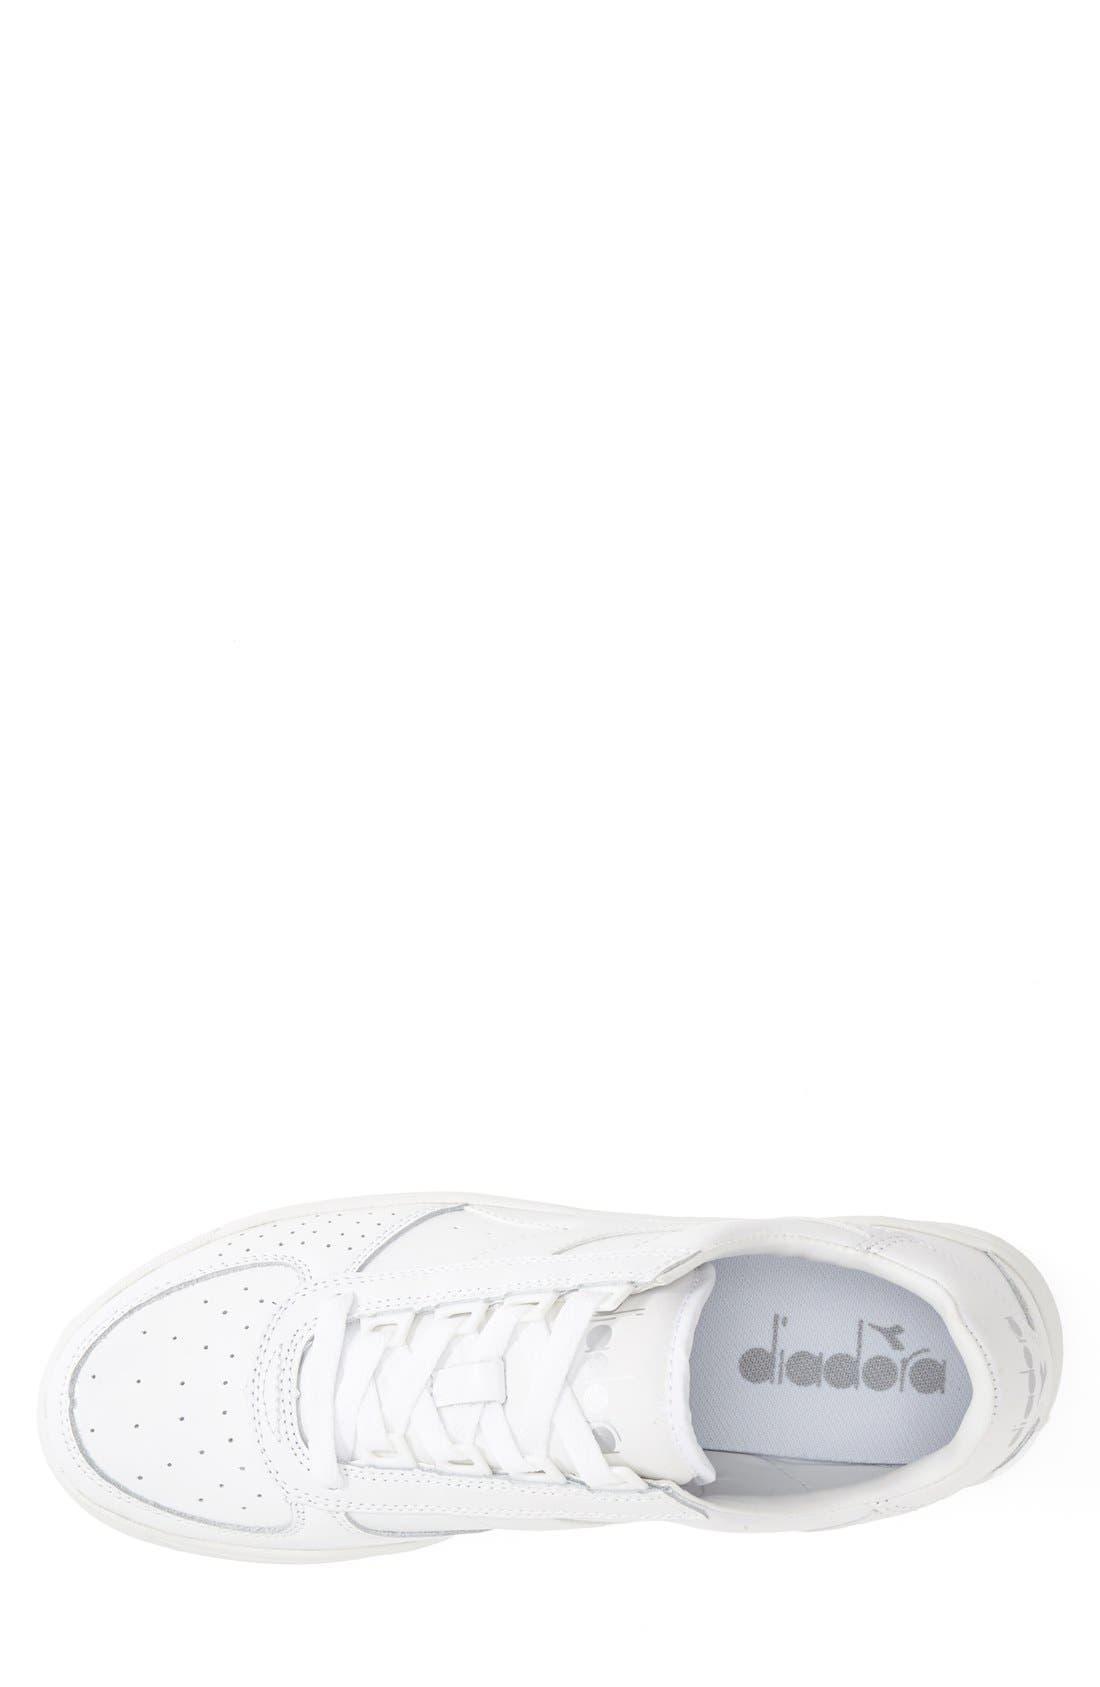 'B. Elite' Sneaker,                             Alternate thumbnail 4, color,                             100